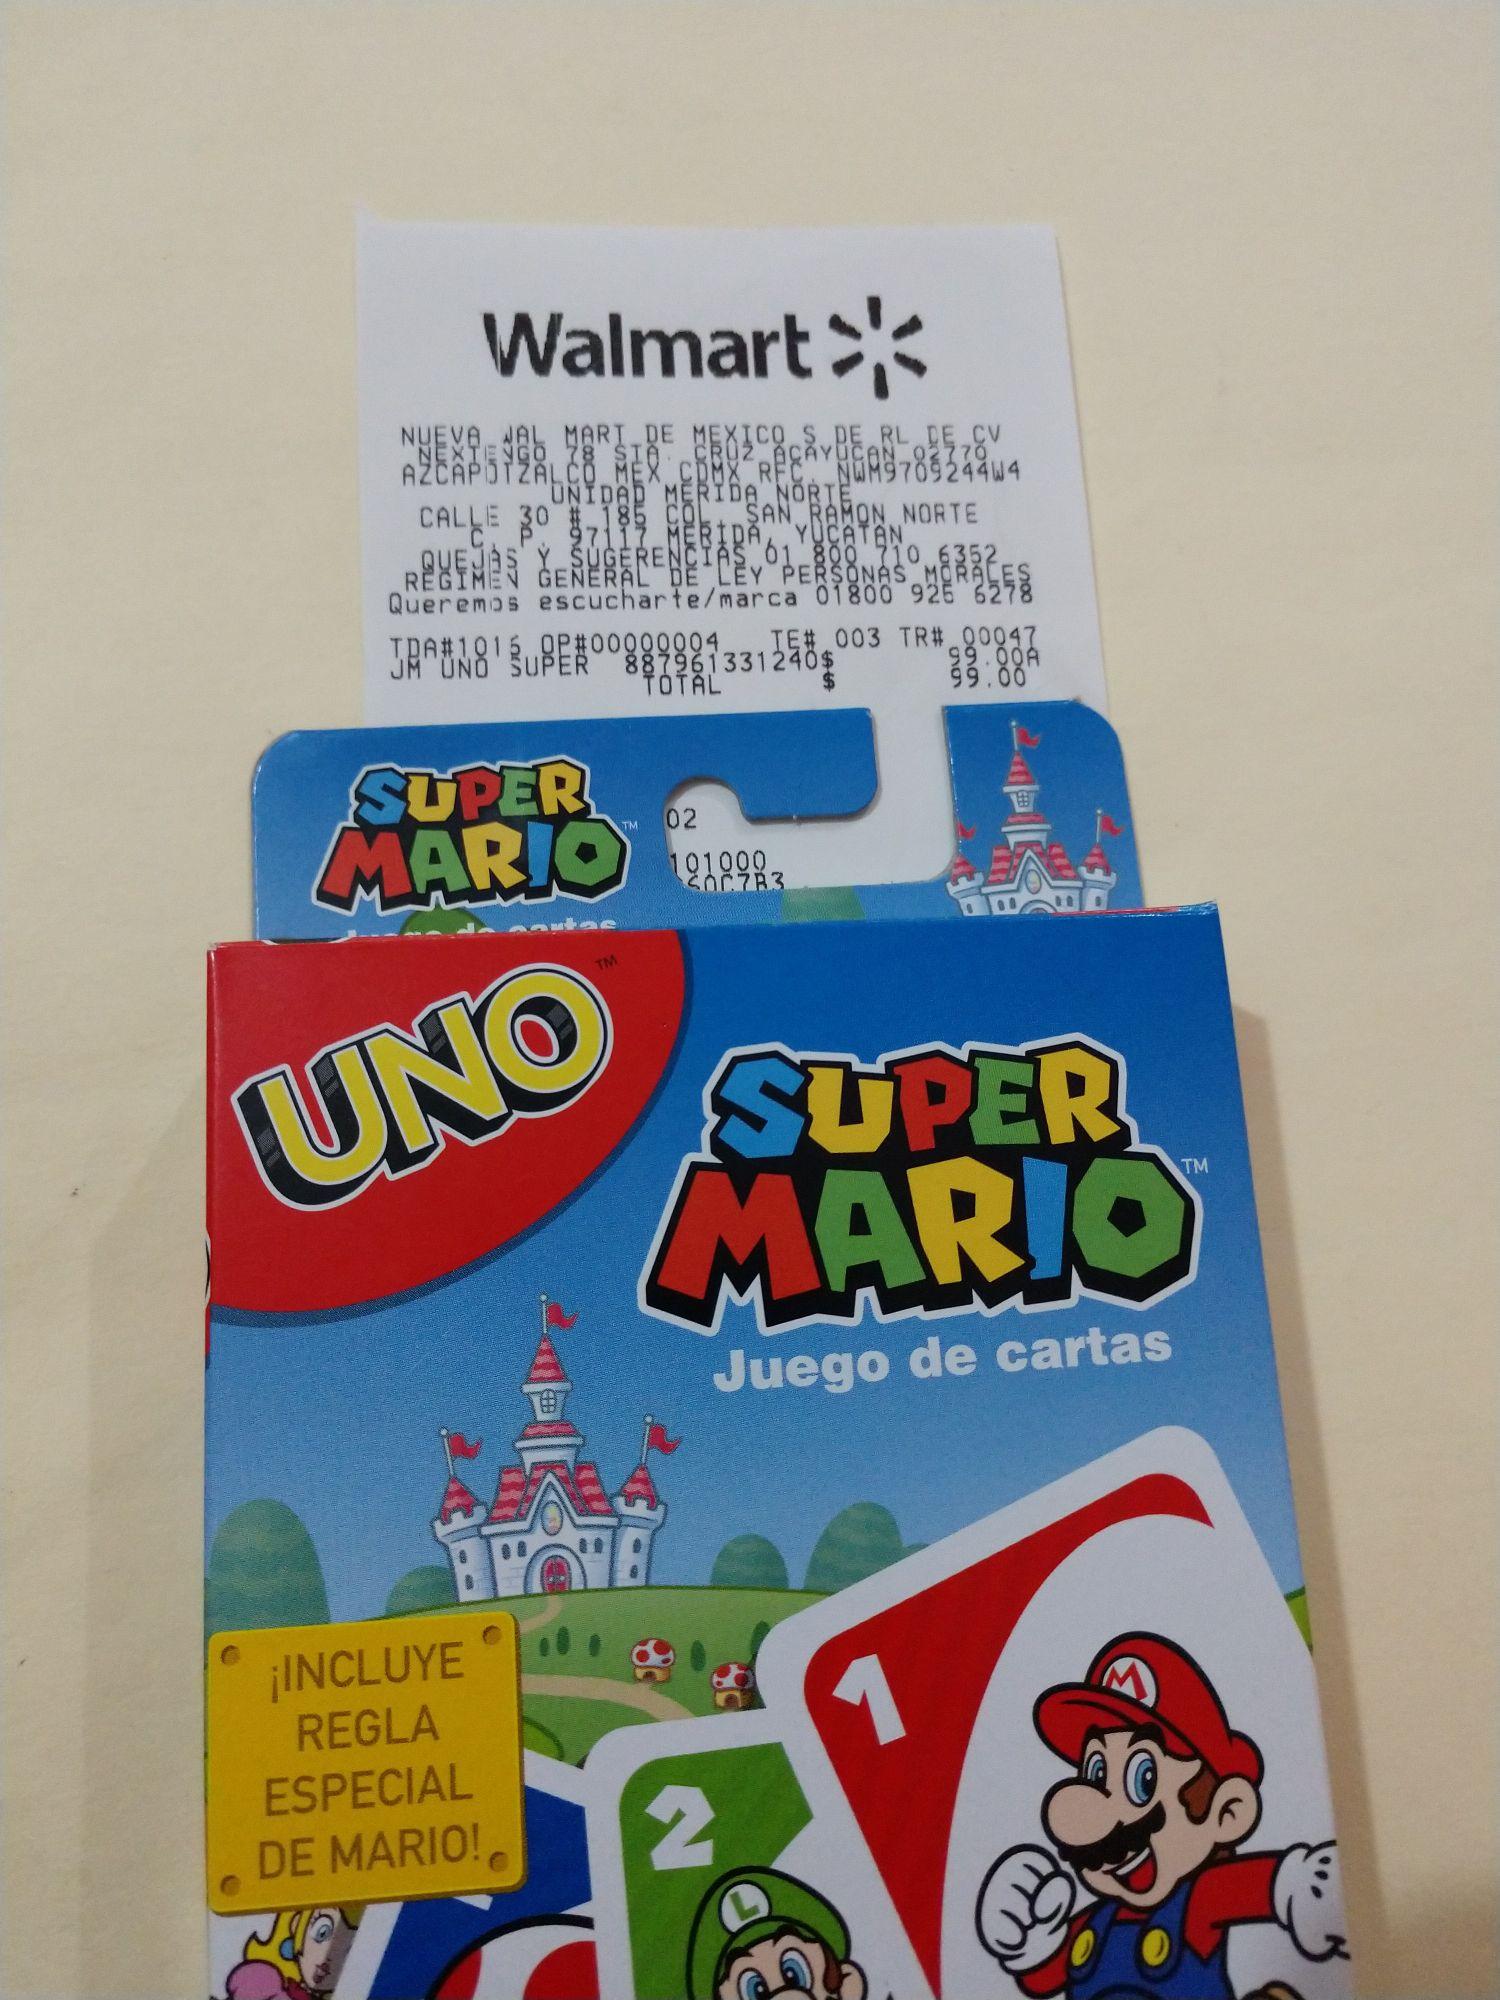 Walmart: UNO Super Mario